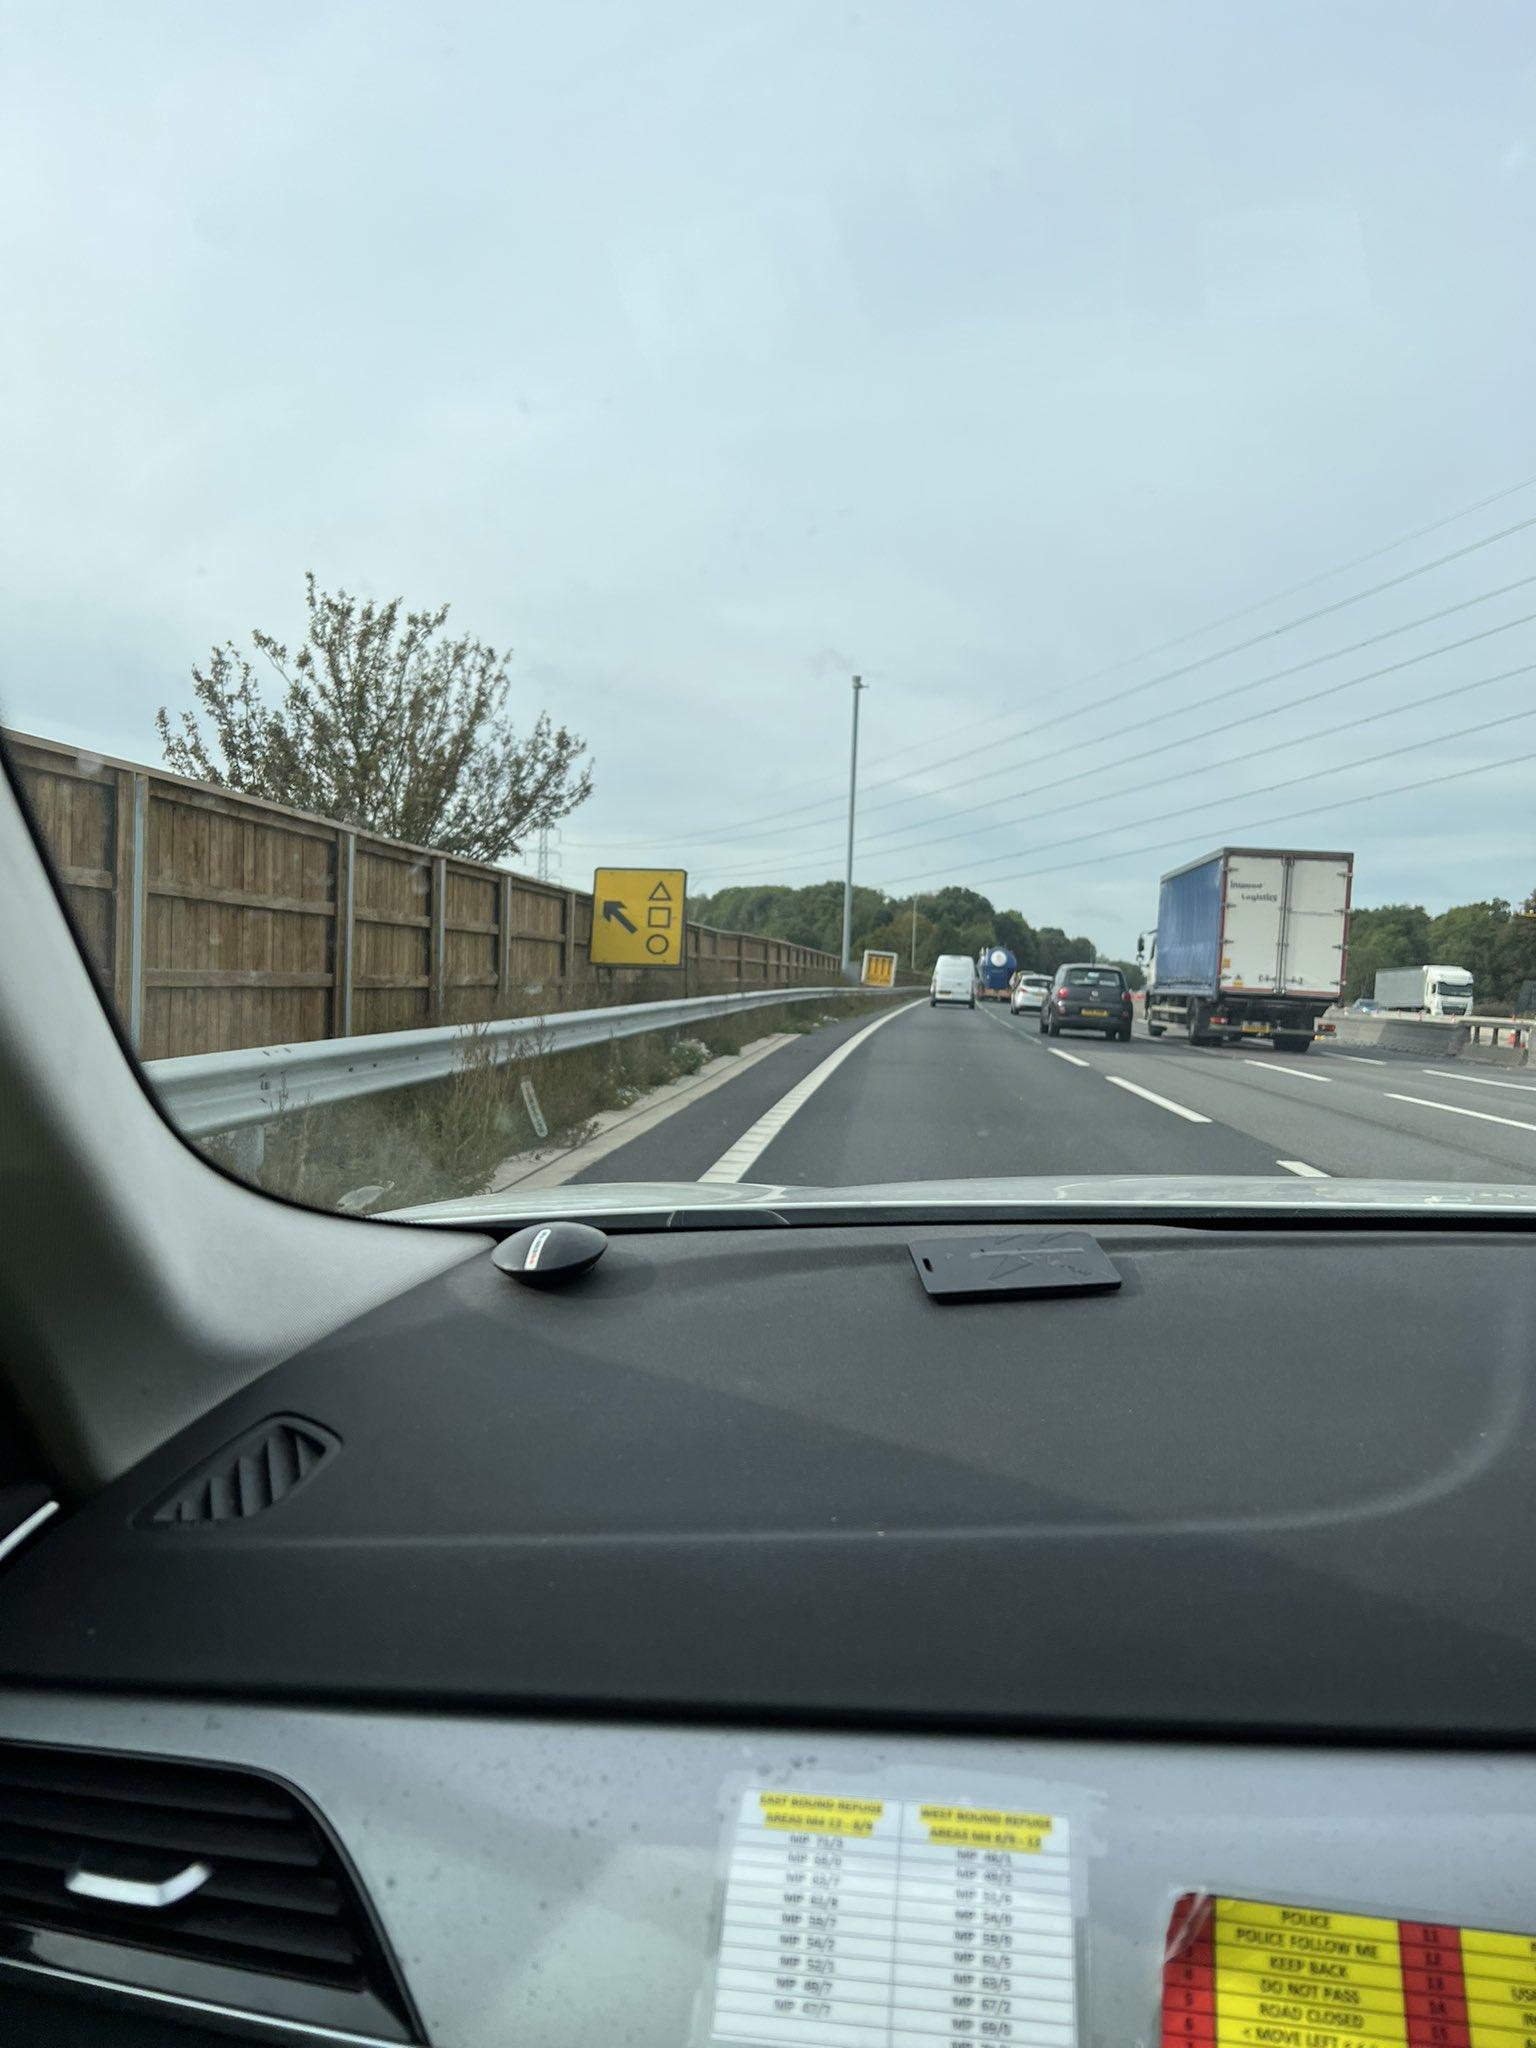 La policía emite una declaración sobre el letrero de la autopista 'Squid Game' de Netflix que causa alarma